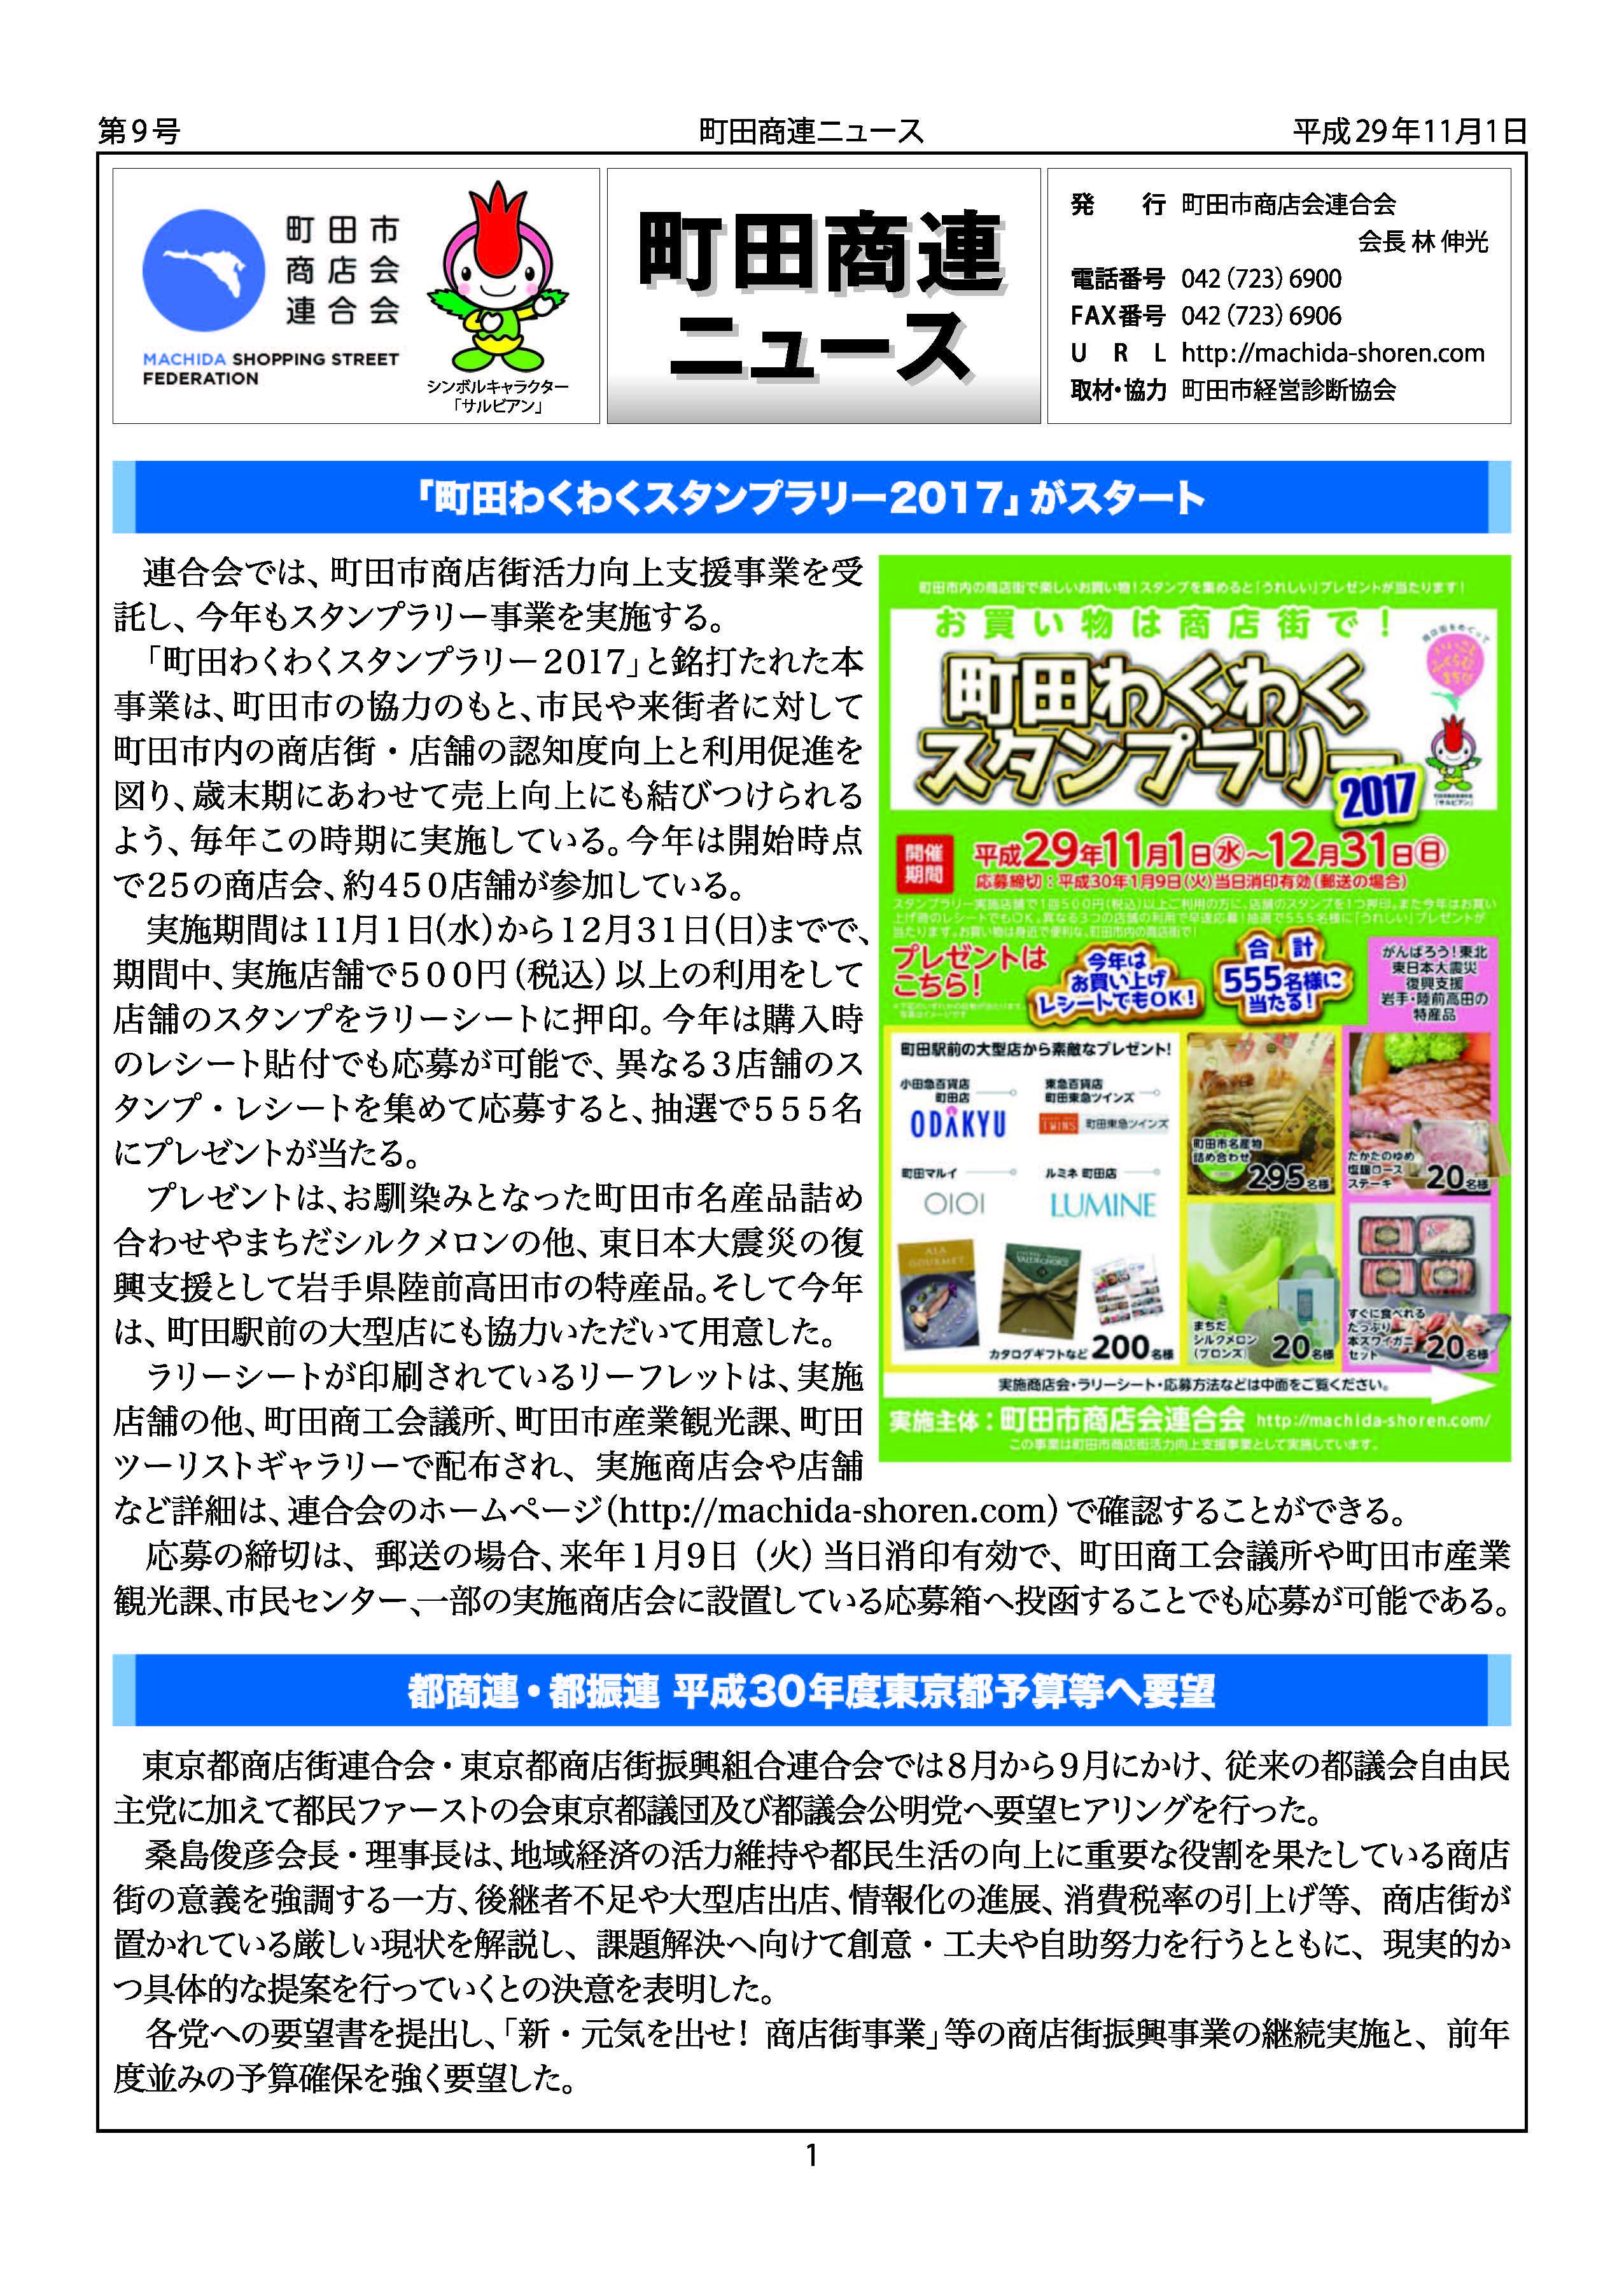 商連ニュース_9号_校了_ページ_1